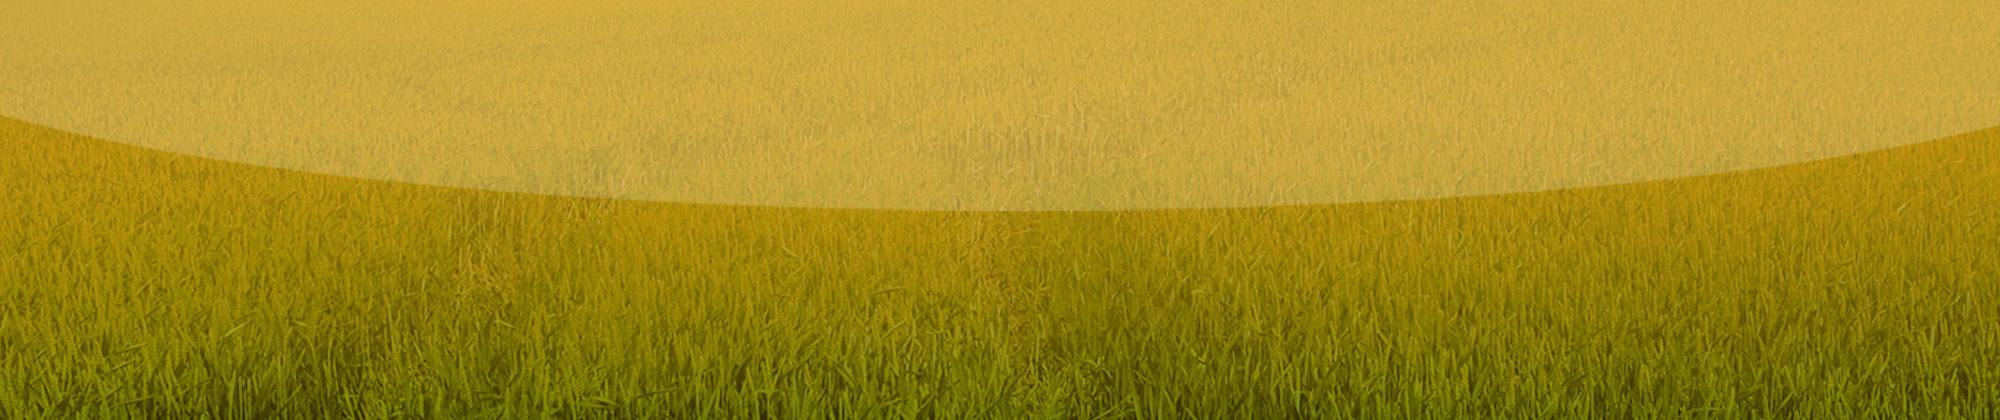 grass-background3